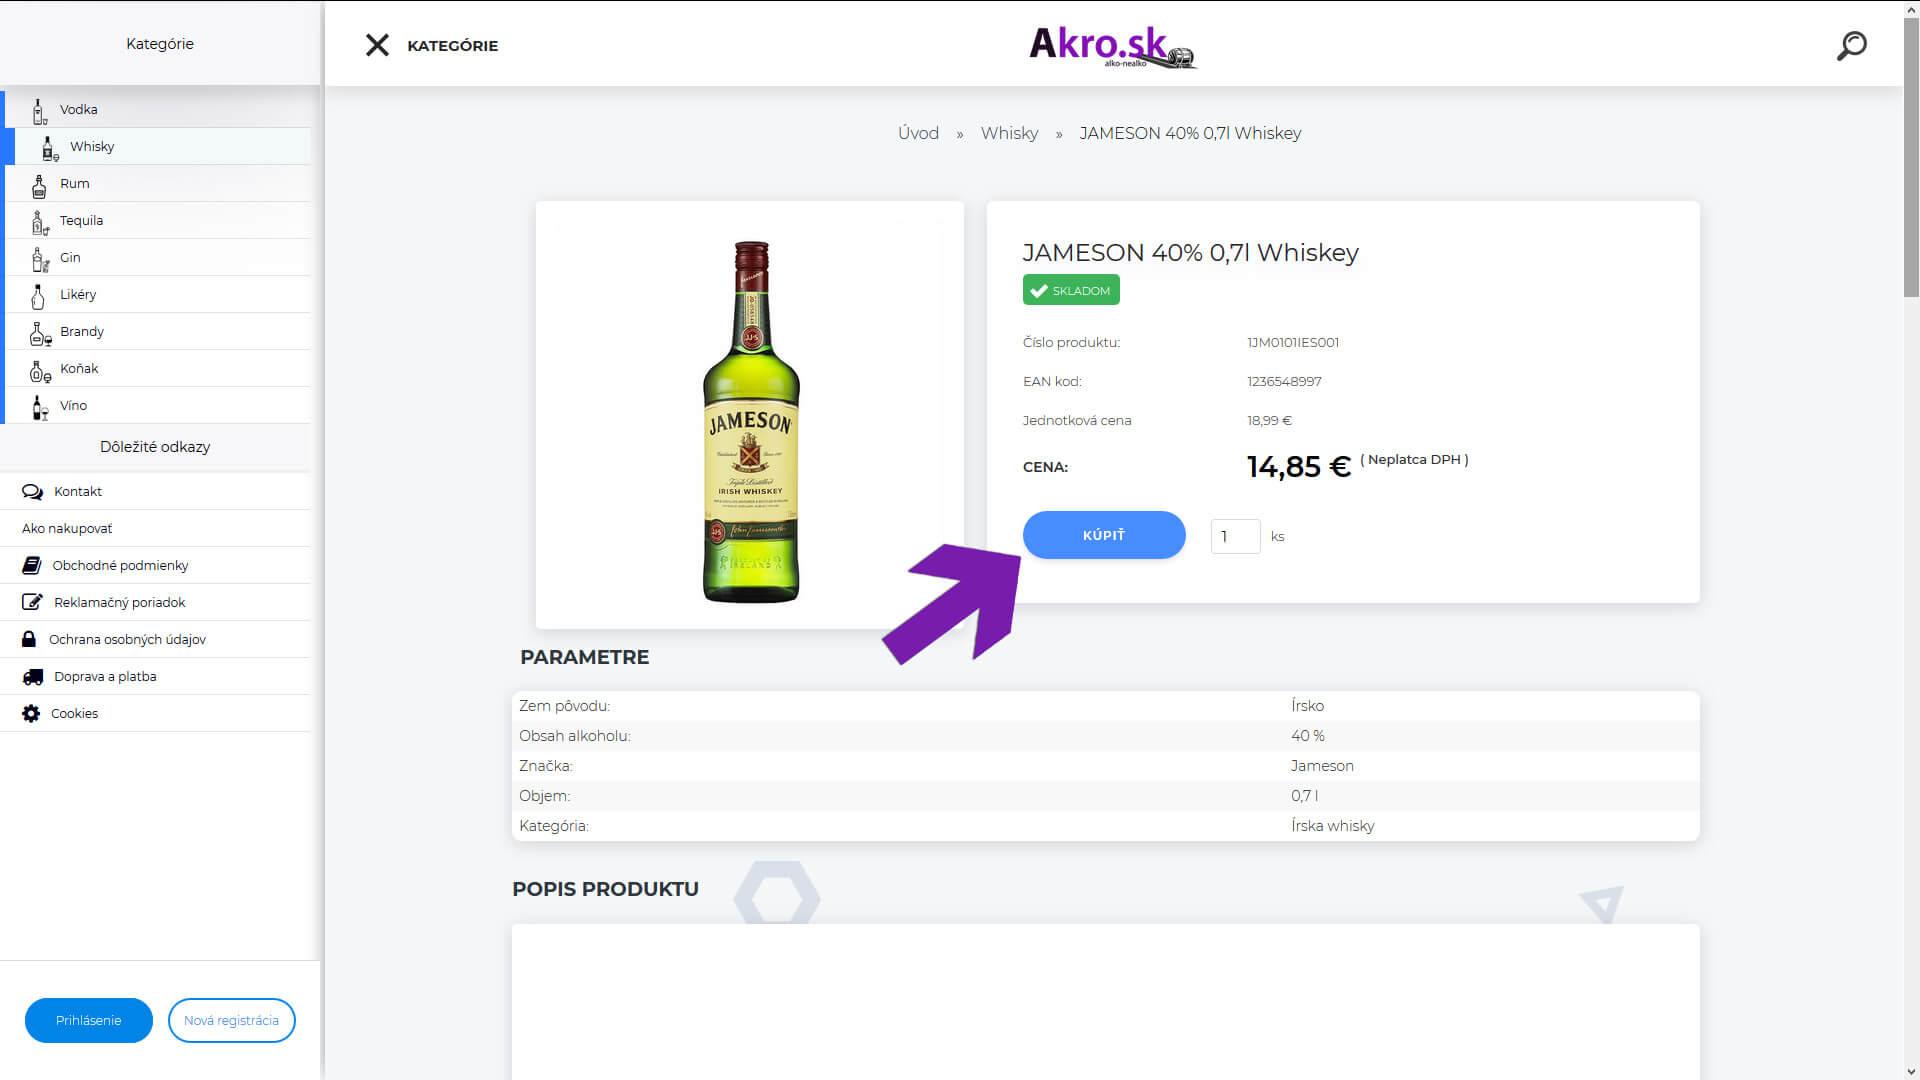 d33ff49024907 Vyhovujúci produkt viete vložiť do nákupného košíka buď z výpisu produktov  v kategórii, alebo hlbšie v detaile produktu kde nájdete okrem iného aj  parametre ...